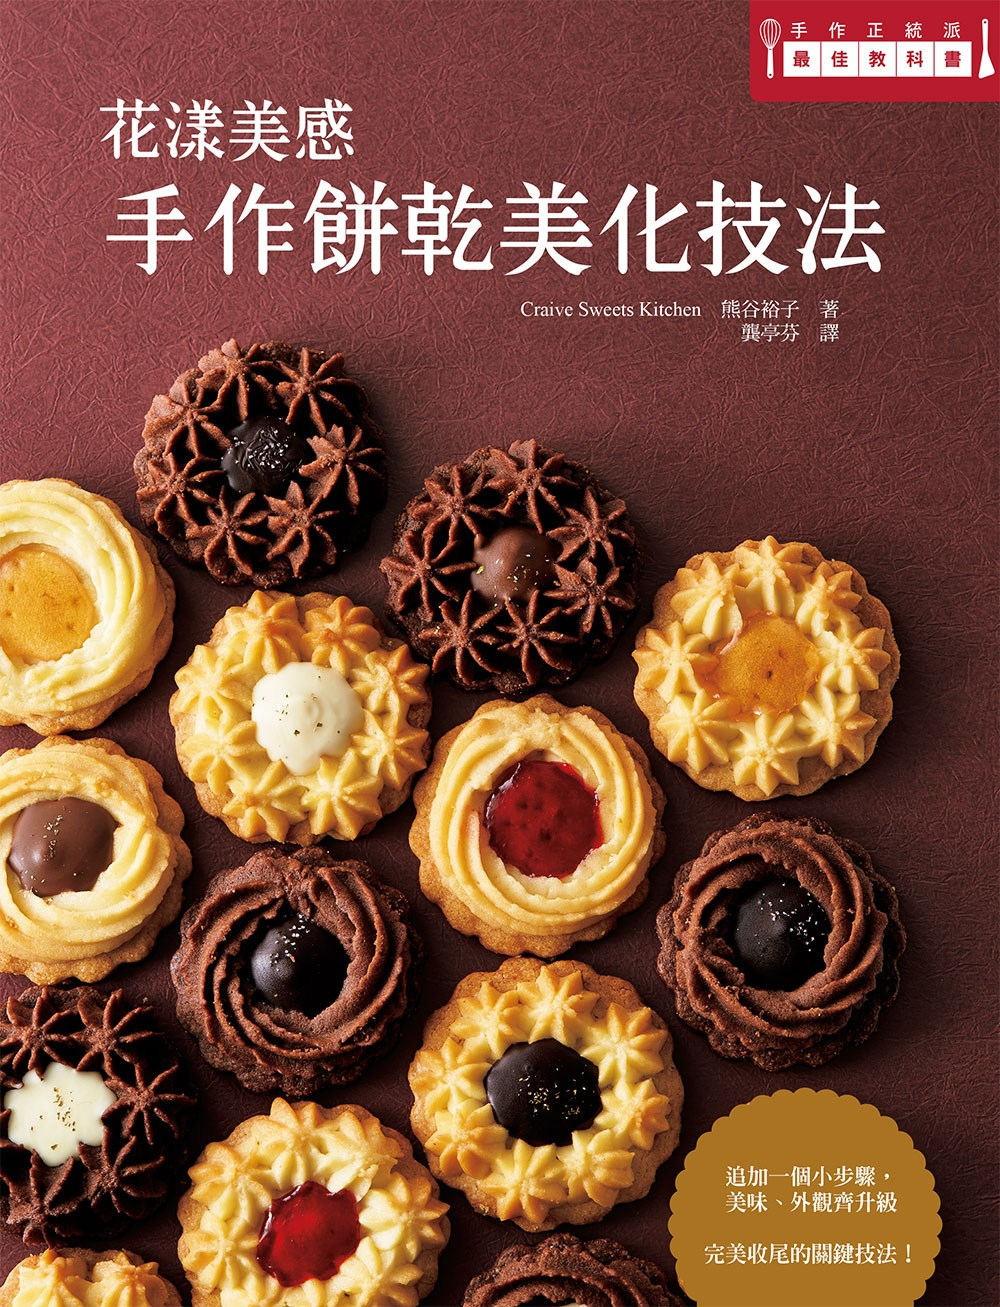 花漾美感 手作餅乾美化技巧:擄獲視覺、席捲味覺,一起來完成精緻度最高的手工餅乾吧!